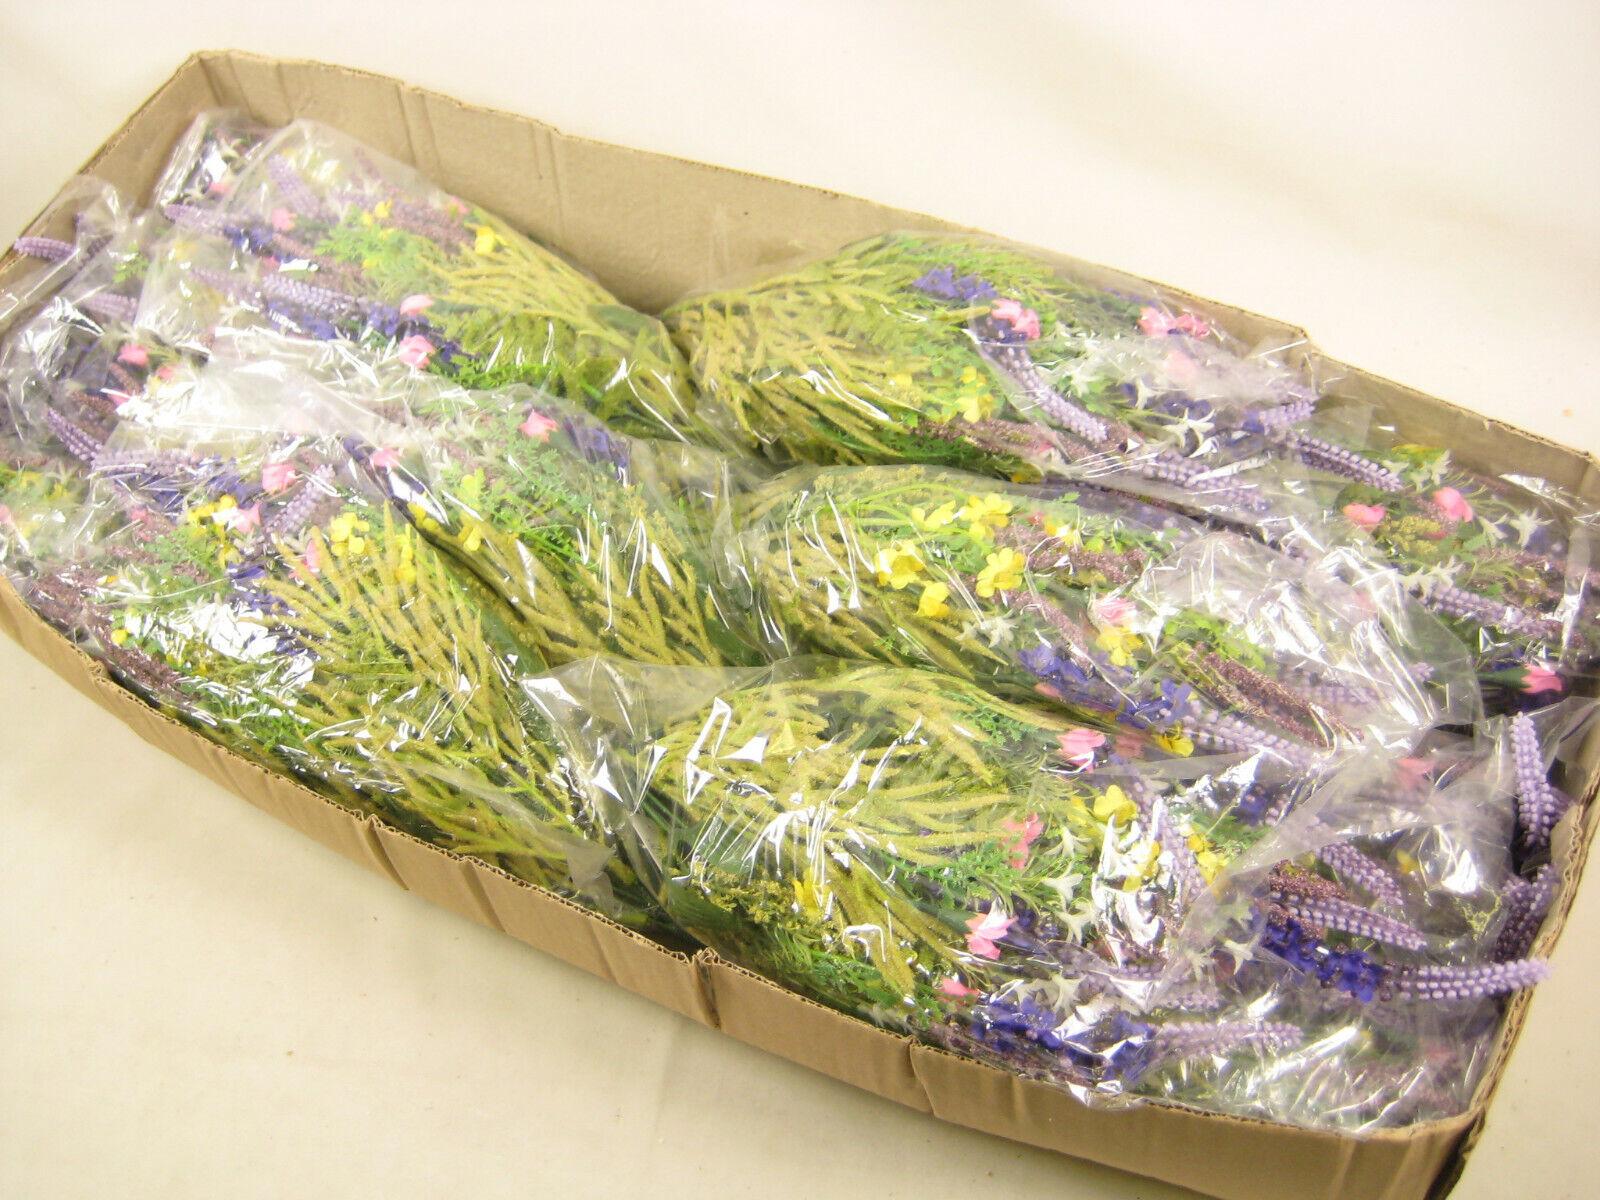 12x Wholesale Job Lot Artificial Flowers Lavender Rosa Rosa Rosa Buds Daisies Arrangement 7f9828